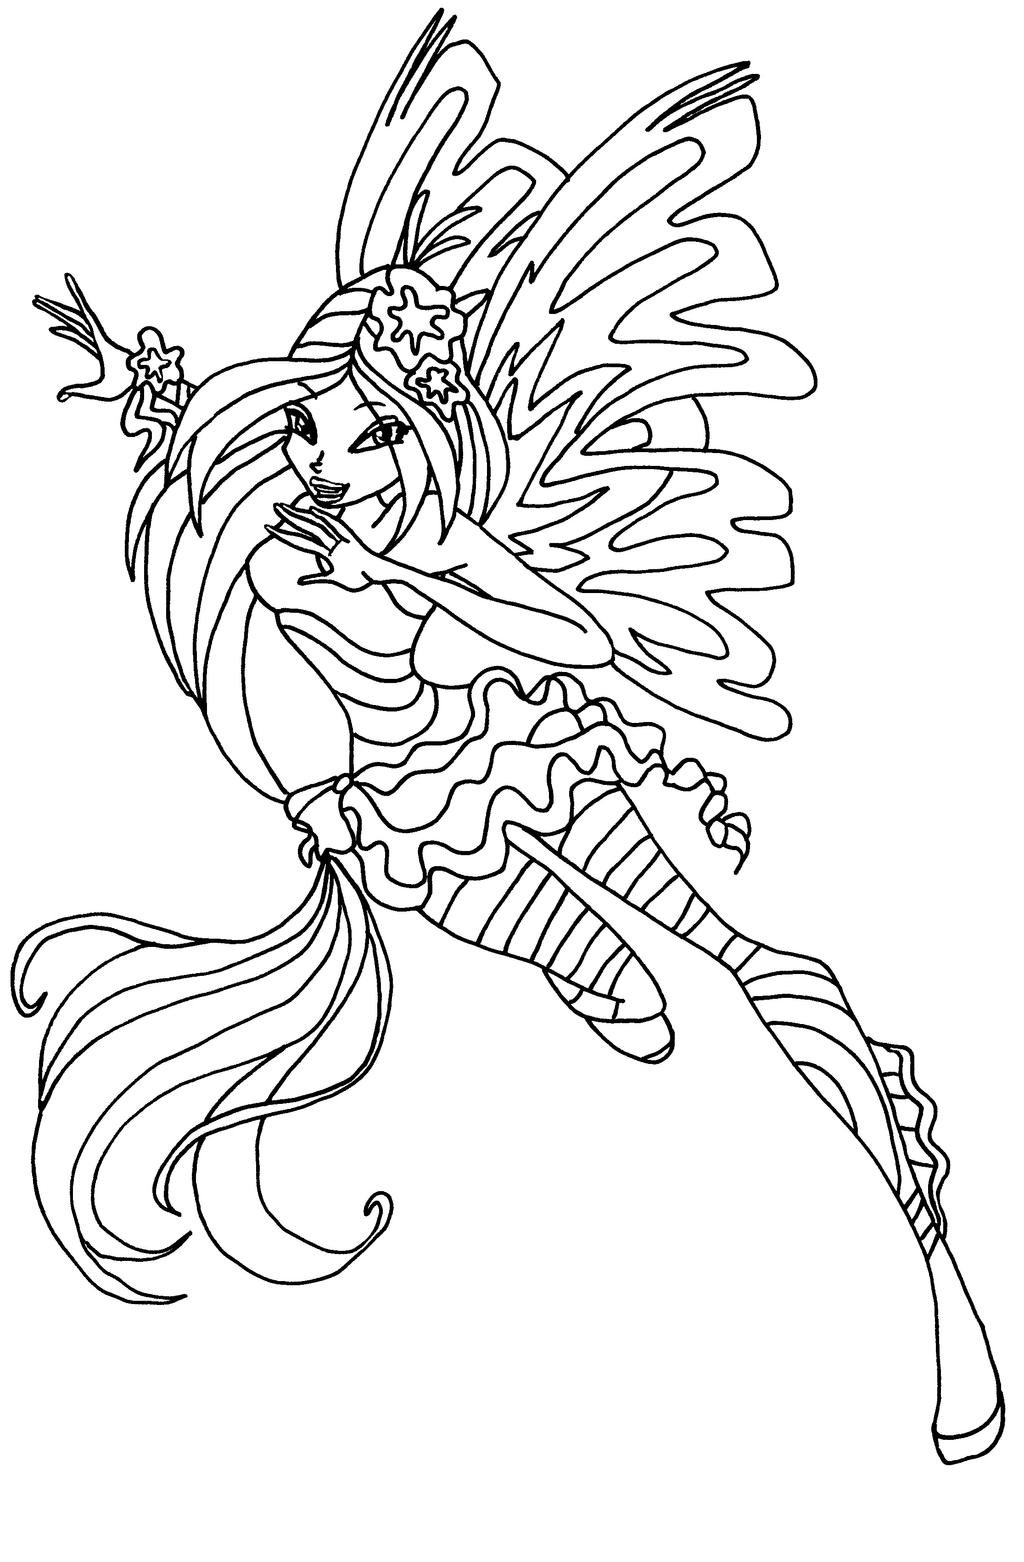 Sirenix flora by elfkena on deviantart for Disegni winx sirenix da colorare